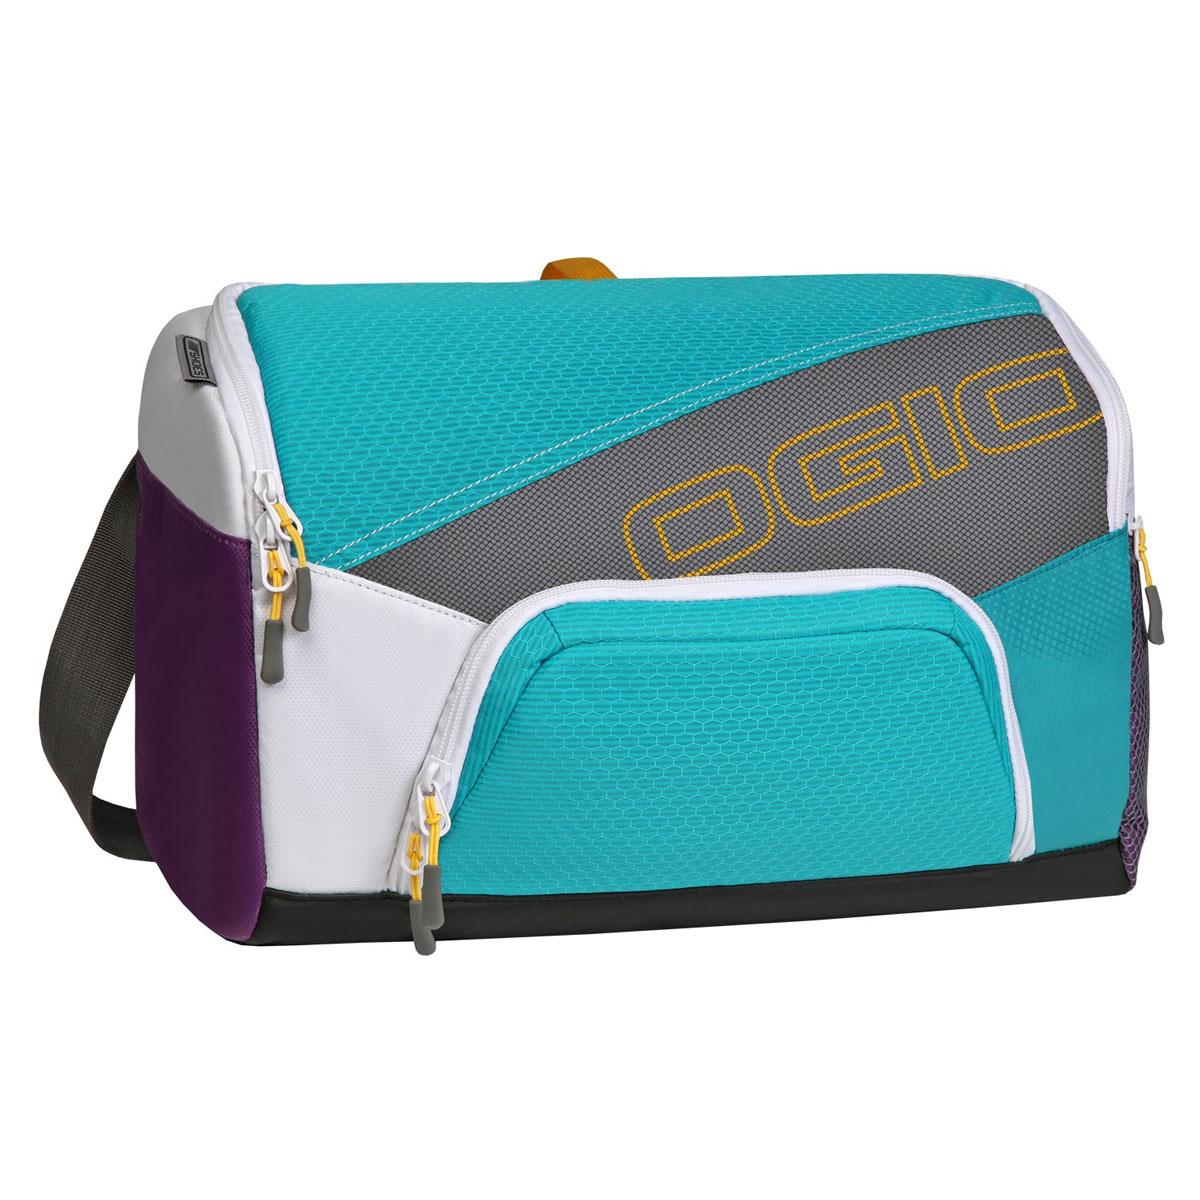 Сумка OGIO Quickdraw, цвет: голубой, фиолетовый. 112041.377ГризлиСпортивная сумка OGIO Quickdraw подойдет людям, которые не привыкли таскать с собой габаритные сумки.Плечевая спортивная сумка OGIO - это Ваш помощник в спортивной жизни. Компактная сумка легко поместит в себе пару обуви, футболку с шортами, шейкер, мелкие вещи и электронные гаджеты.Особенности:Основное отделение отлично вмещает обувь для бега и сменную одежду.Внутренний карман для бутылки с водой.Дополнительное специальное отделение под крышкой для хранения продуктов питания.Внутренний карман для ключей и ценных вещей.Наружный карман с подбивкой для хранения ценных вещей.Легкая, износоустойчивая и прочная на разрыв ткань.Скрытая сетка для вентиляции основного отделения.Боковой карман с двусторонней застежкой на молнии носостойкое и устойчивое к истиранию брезентовое основание.Вентилируемая задняя стенка с системой проветривания.Простой регулируемый наплечный ремень Надежно закрепленный ремень для переноски.Яркая подкладка.Объем: 15 л.Материал: кареточная ткань 420D, кареточная ткань 210D.